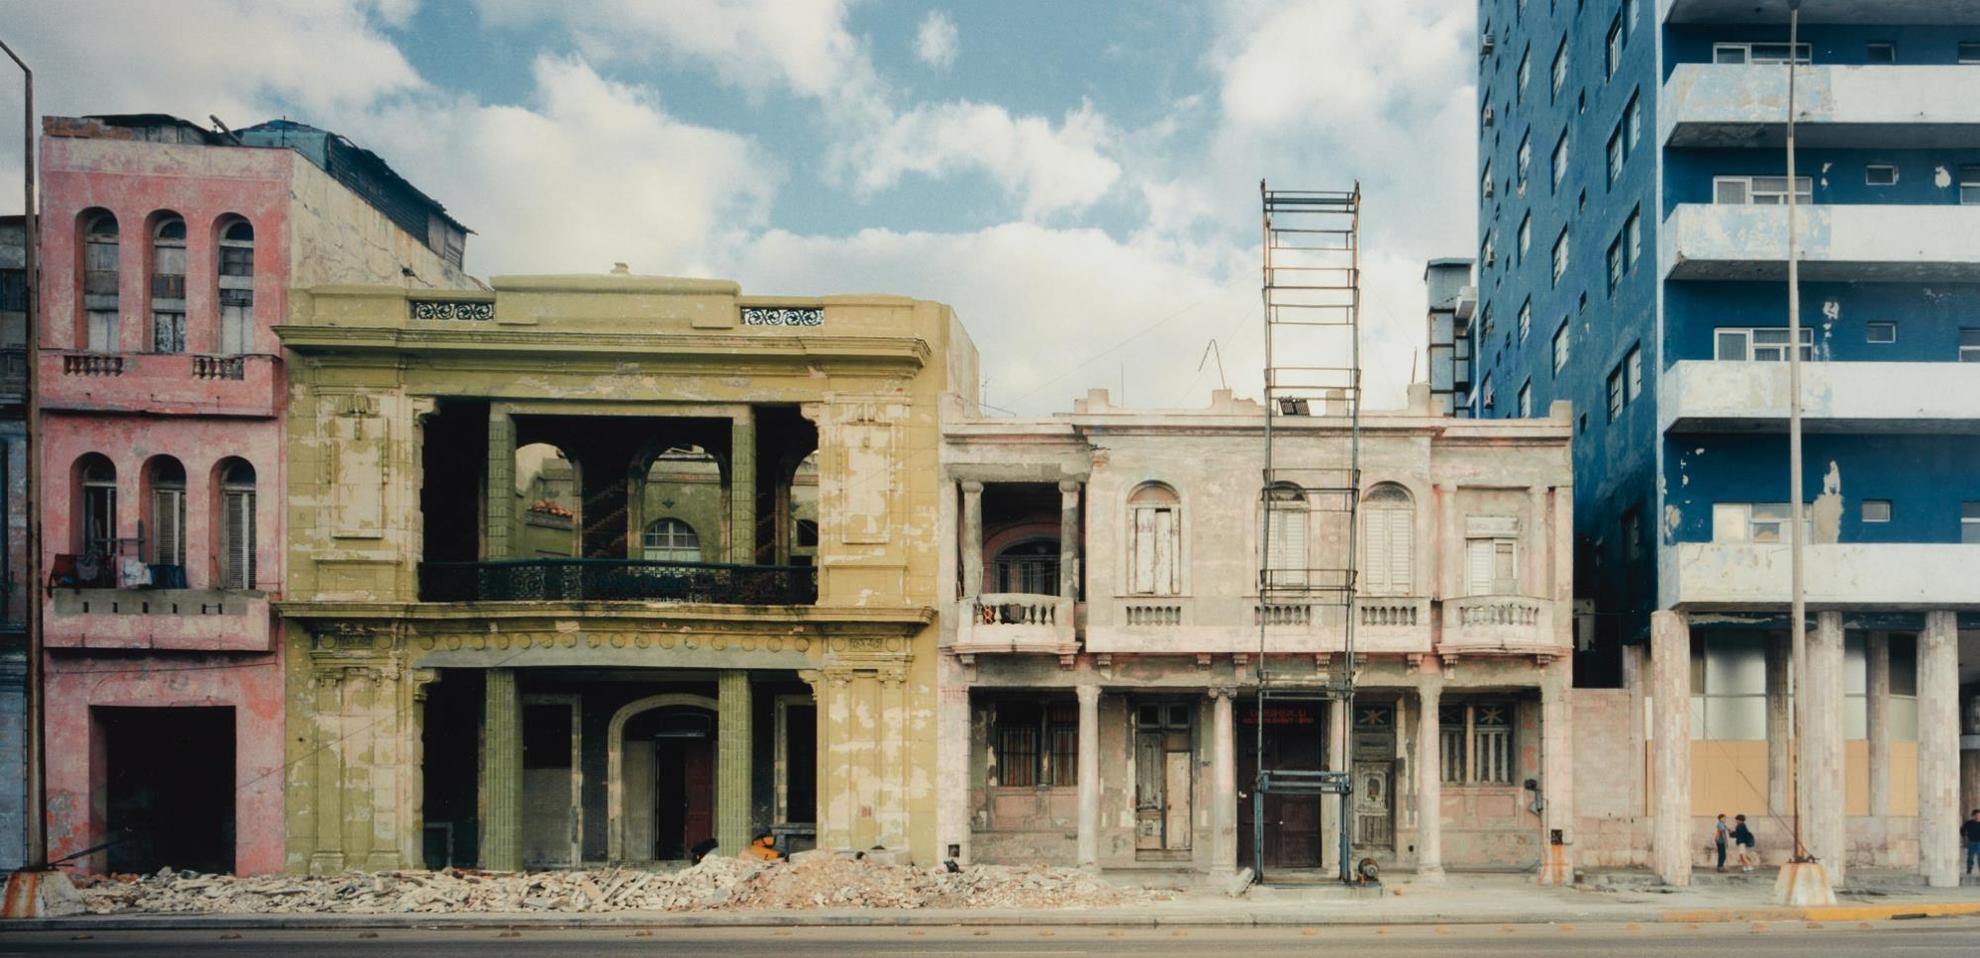 Robert Polidori-Facades, El Malecon, Havana, Cuba, No. 1, December-1997